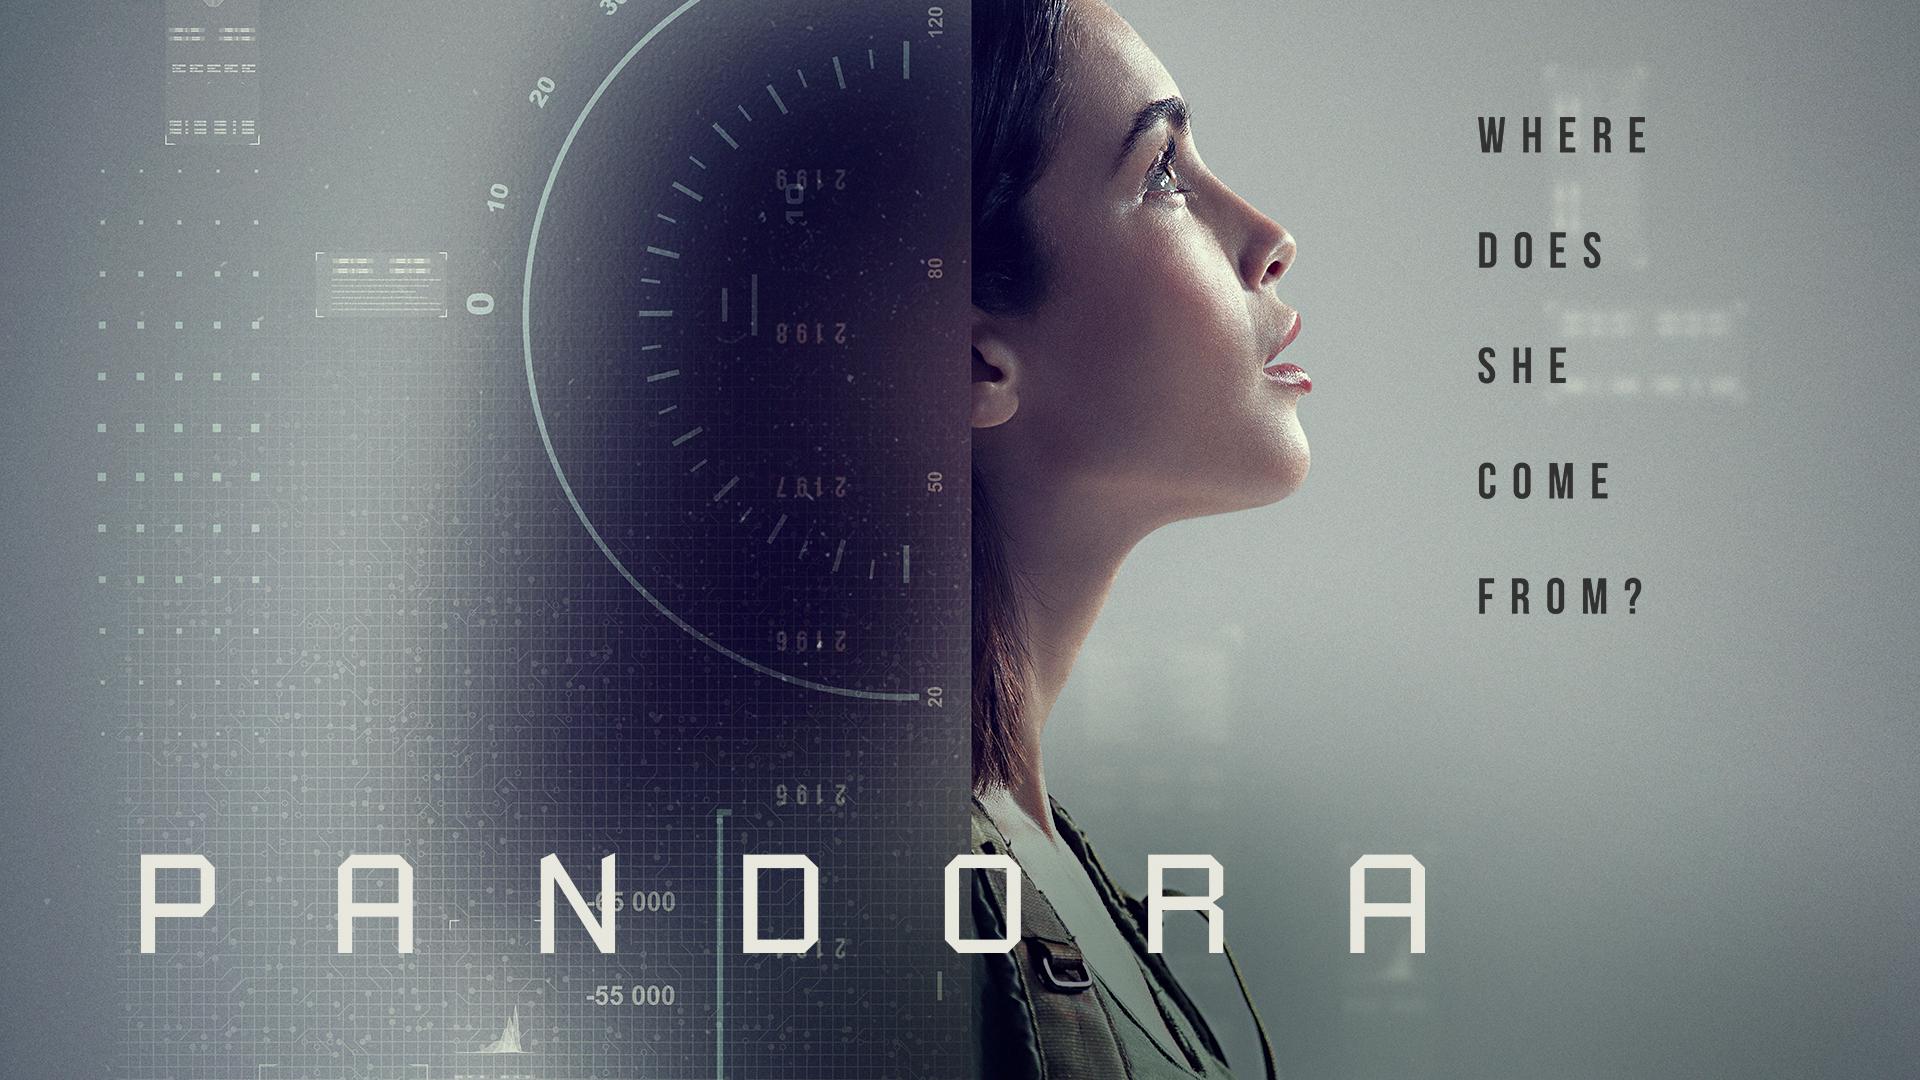 Genre TV Grid - Week of July 14: CW space opera Pandora debuts